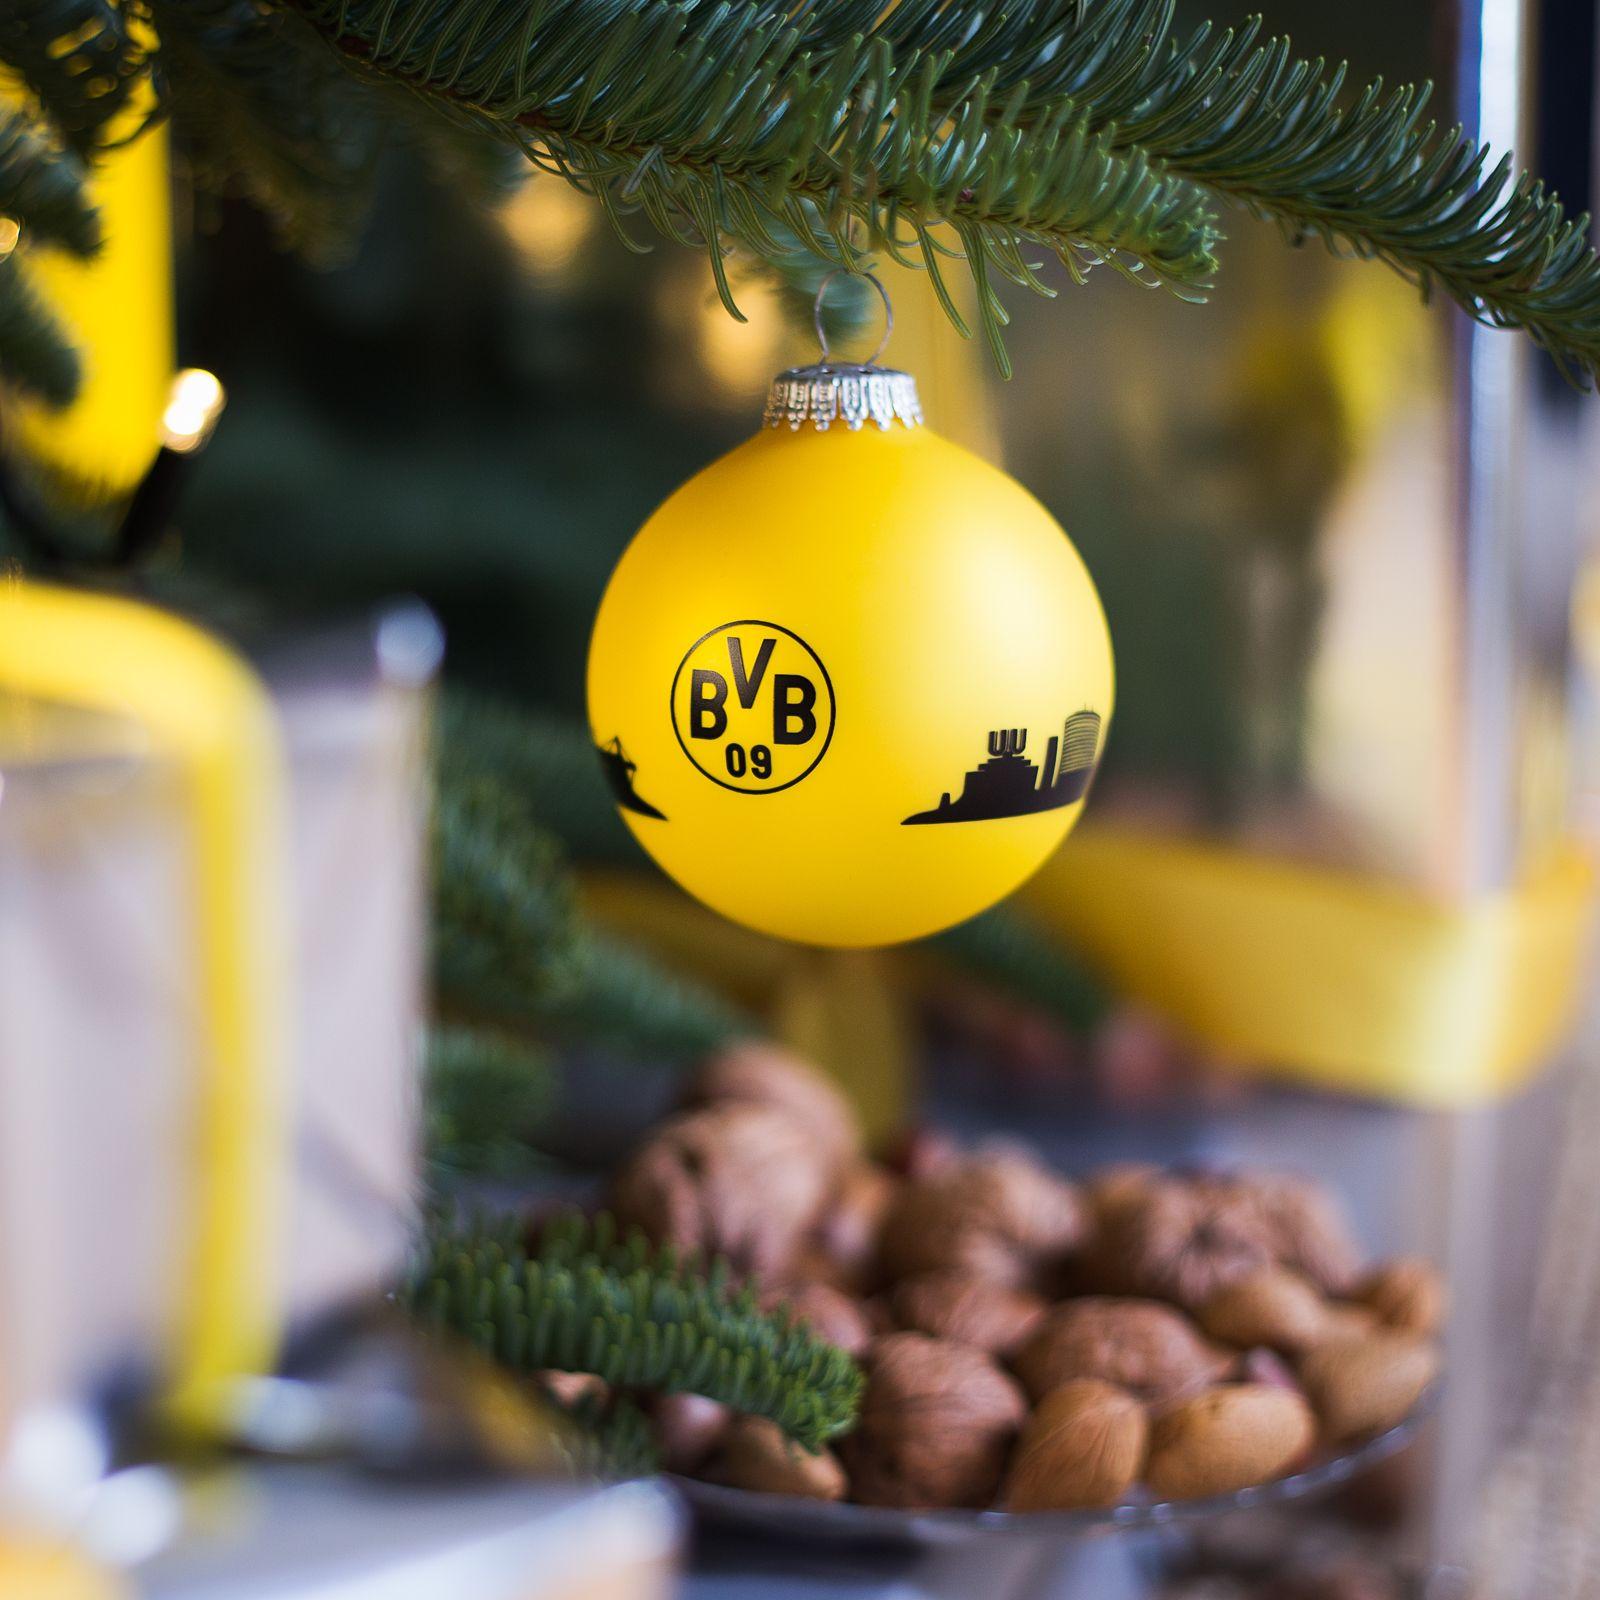 Bvb Weihnachtsbaum.Die Ganze Stadt An Eurem Weihnachtsbaum Dortmund Hat Ja Bekanntlich